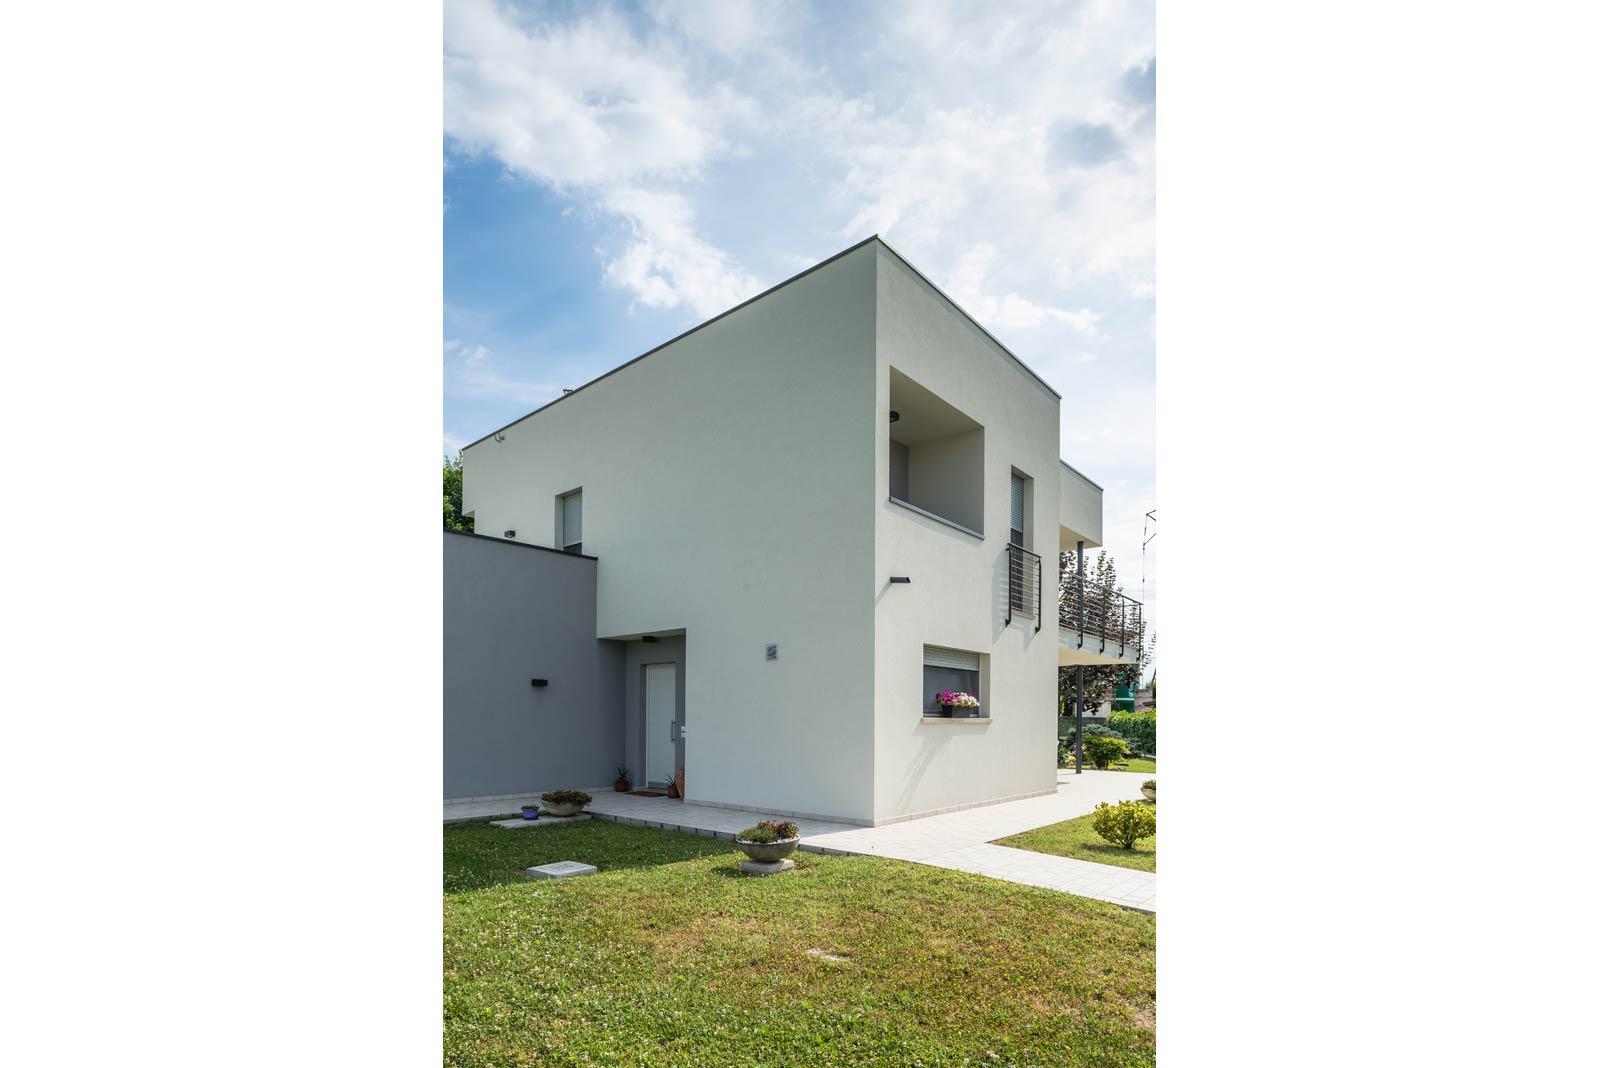 Architettura moderna woodbau for Architettura casa moderna